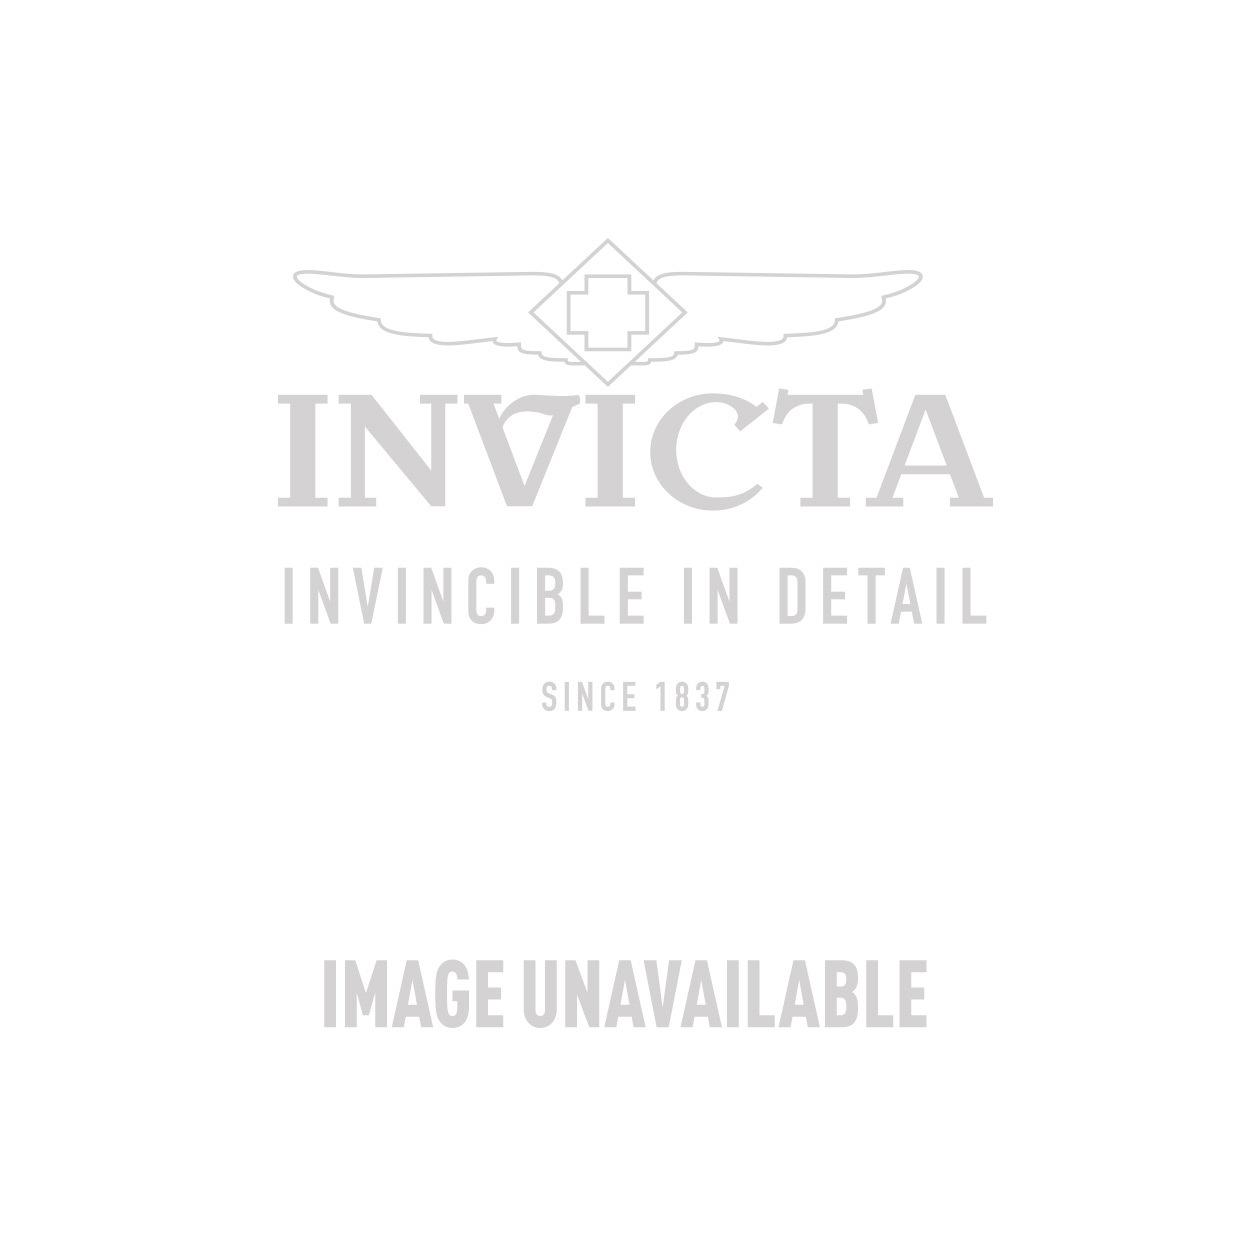 Invicta Model 25122